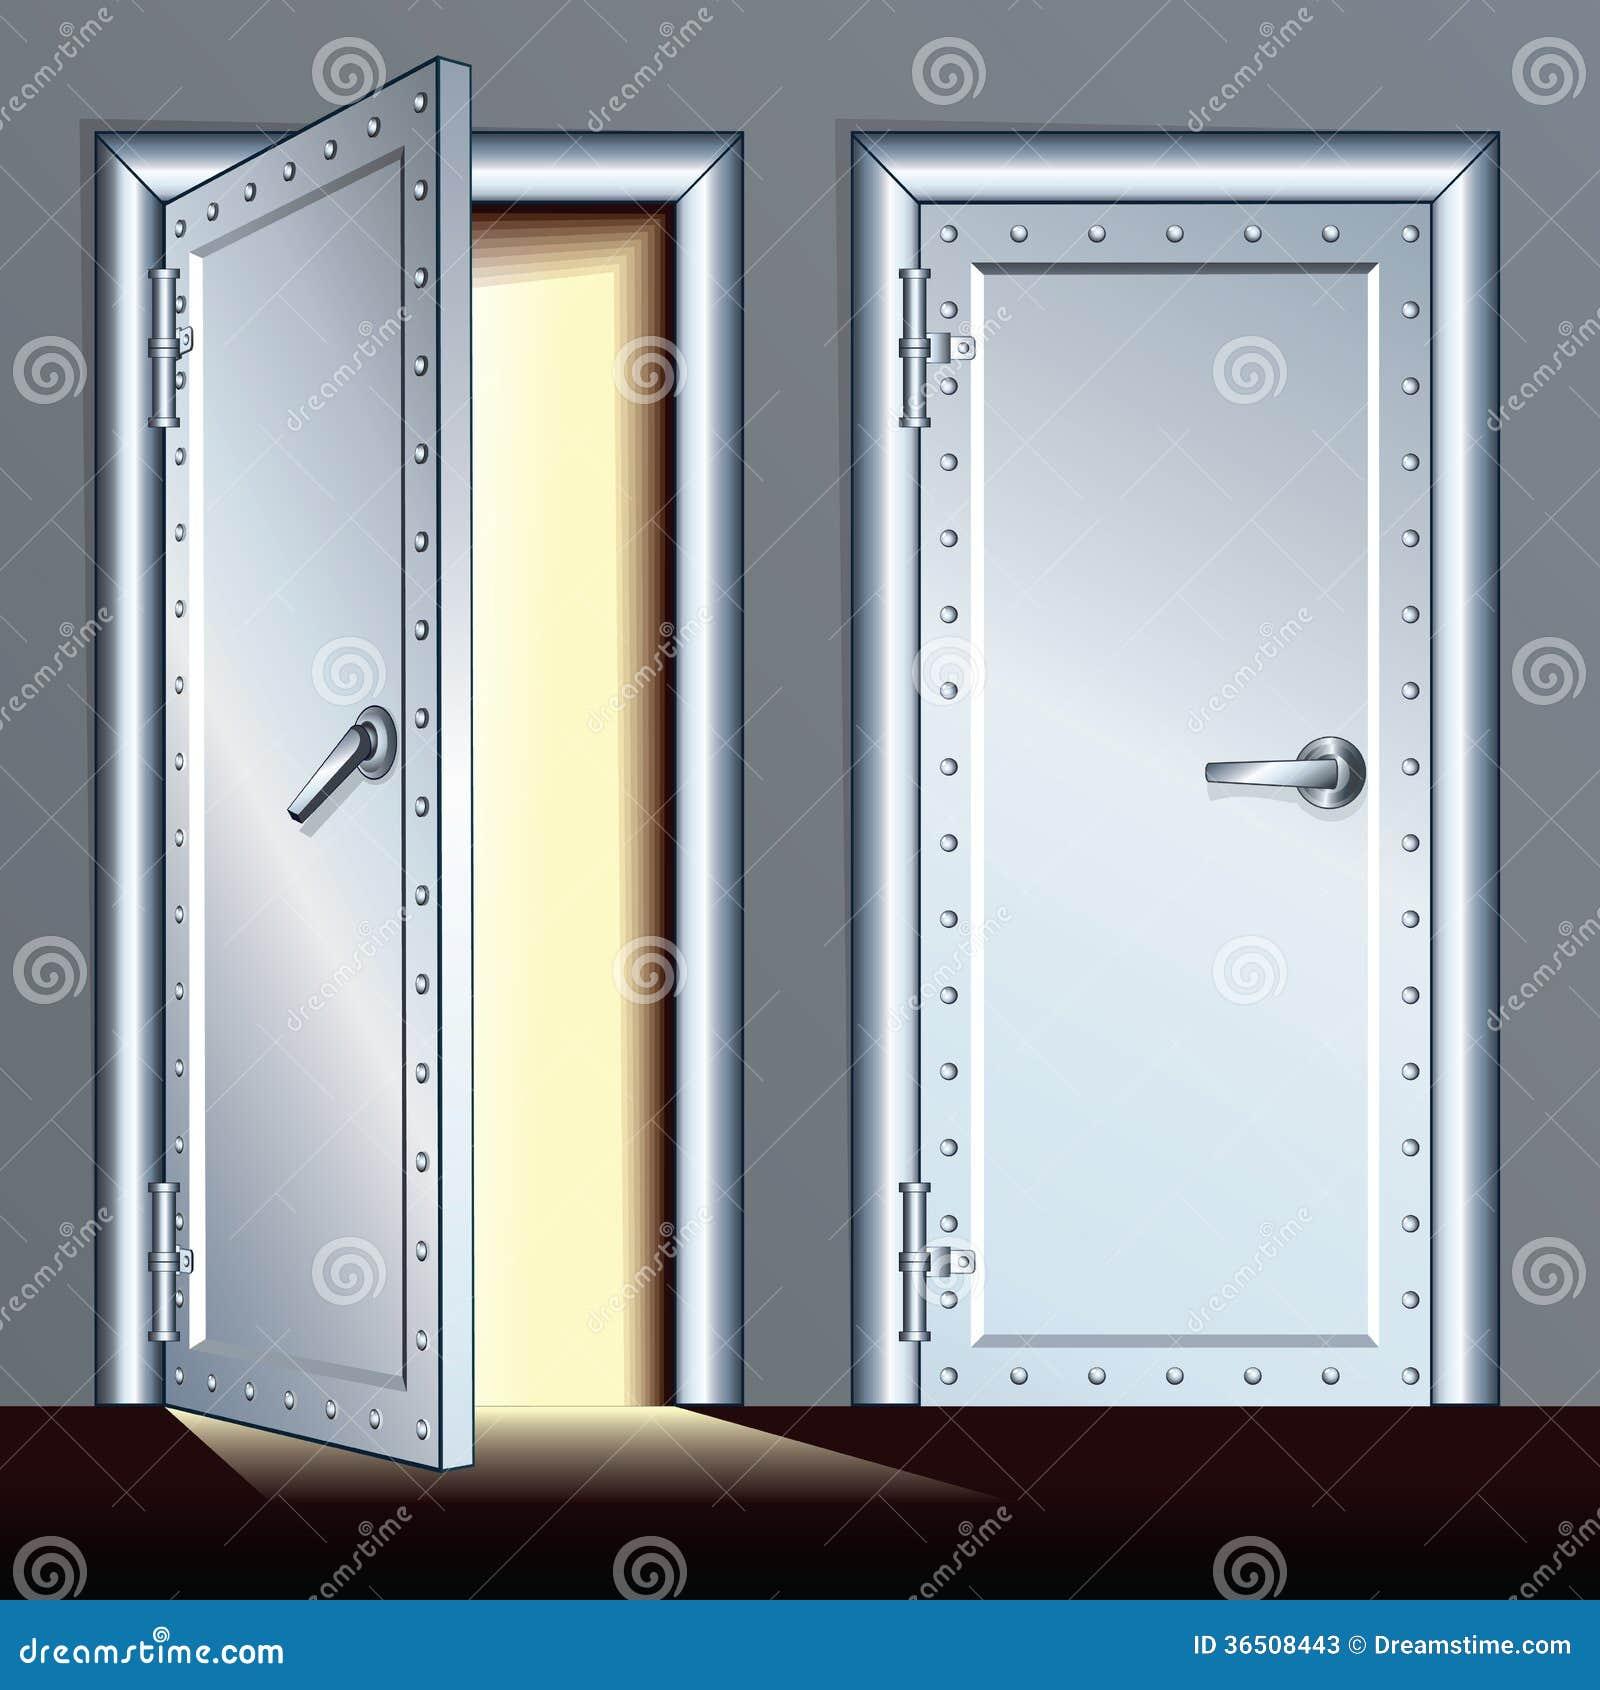 Porte ouverte et ferm e de chambre forte illustration de vecteur photos stock image 36508443 for Porte blindee chambre forte